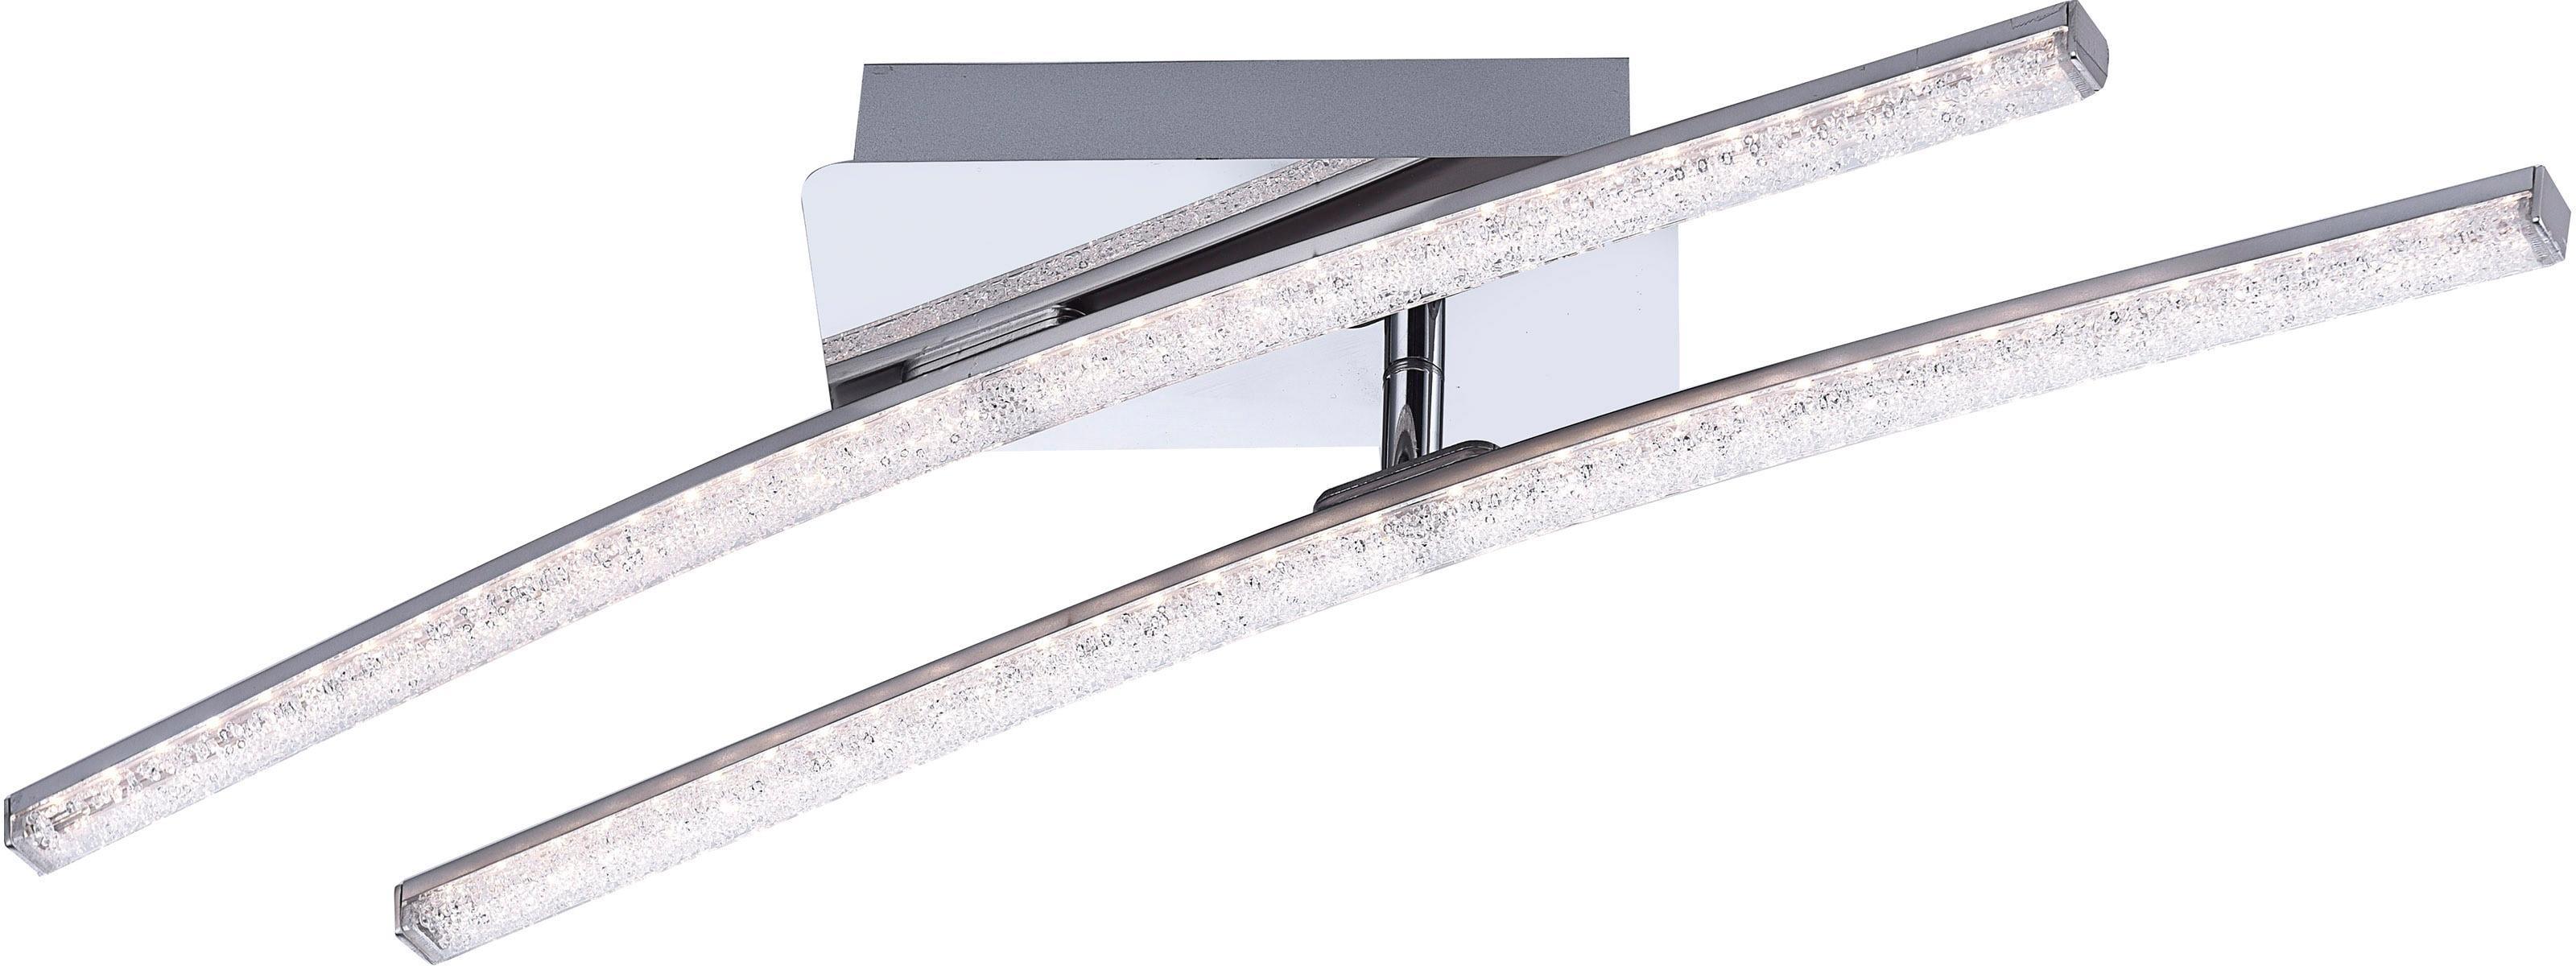 Leuchten Direkt,LED Deckenleuchte SIMON